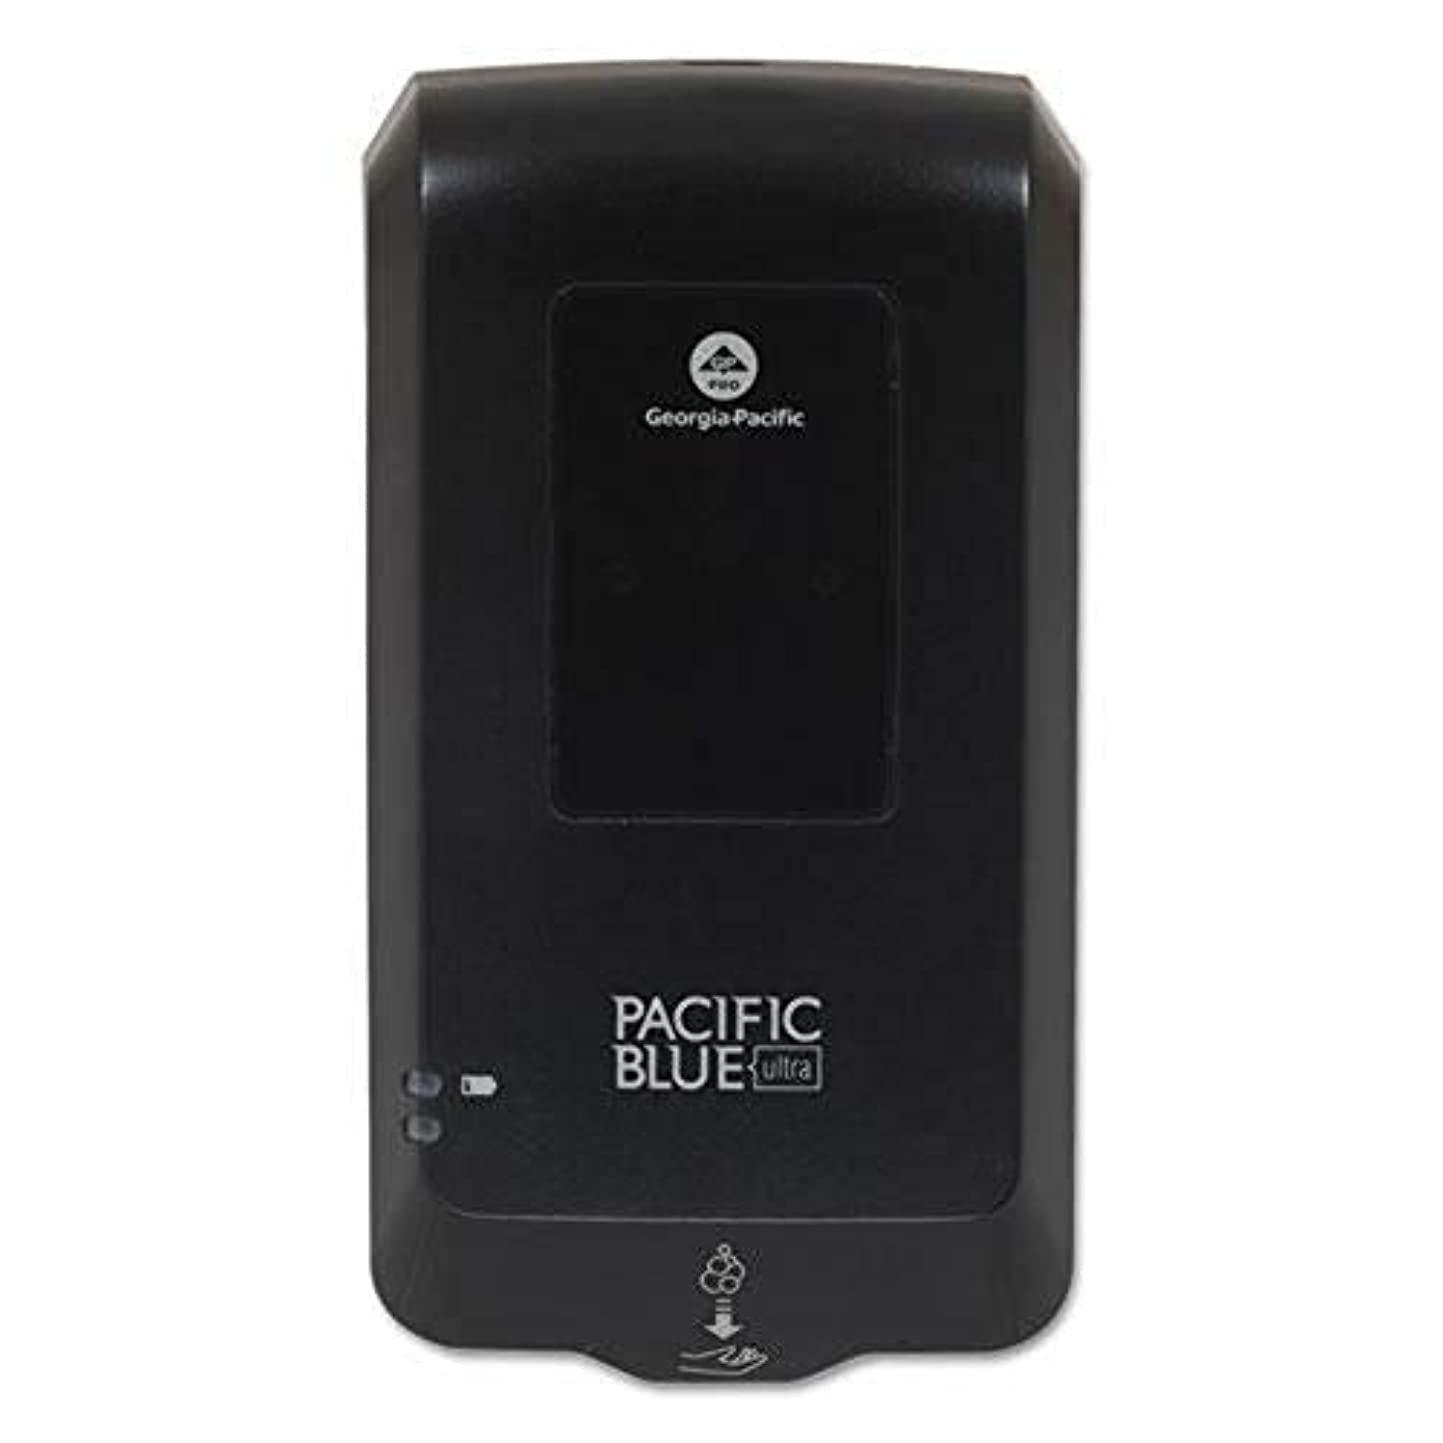 可能にする注目すべきエミュレートするGPC53590 - パシフィックブルー ウルトラプロ ブルー ウルトラ自動ディスペンサー